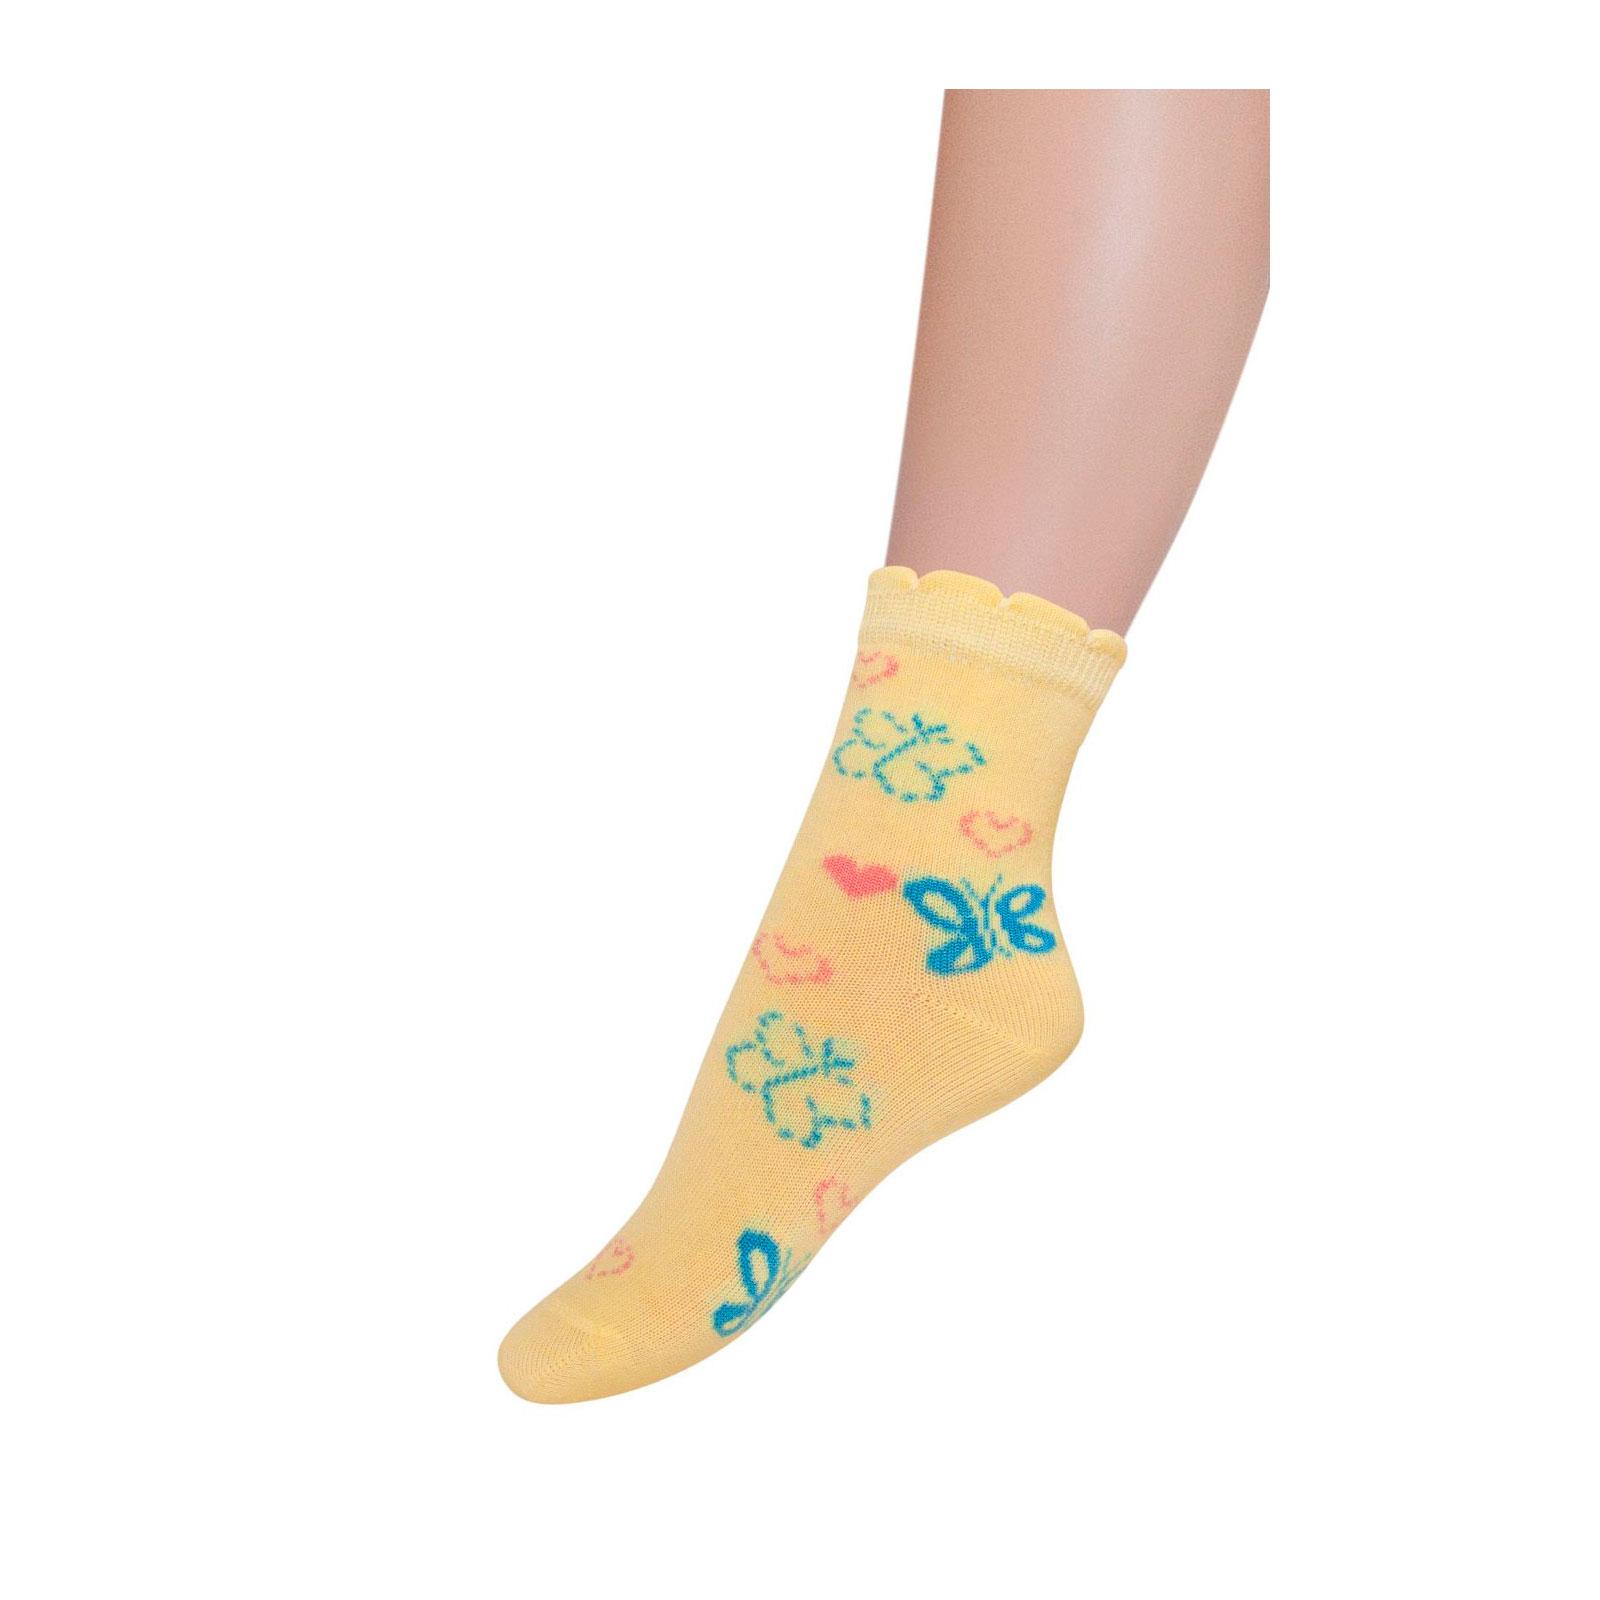 ����� Para Socks N1D33 � 10 ������